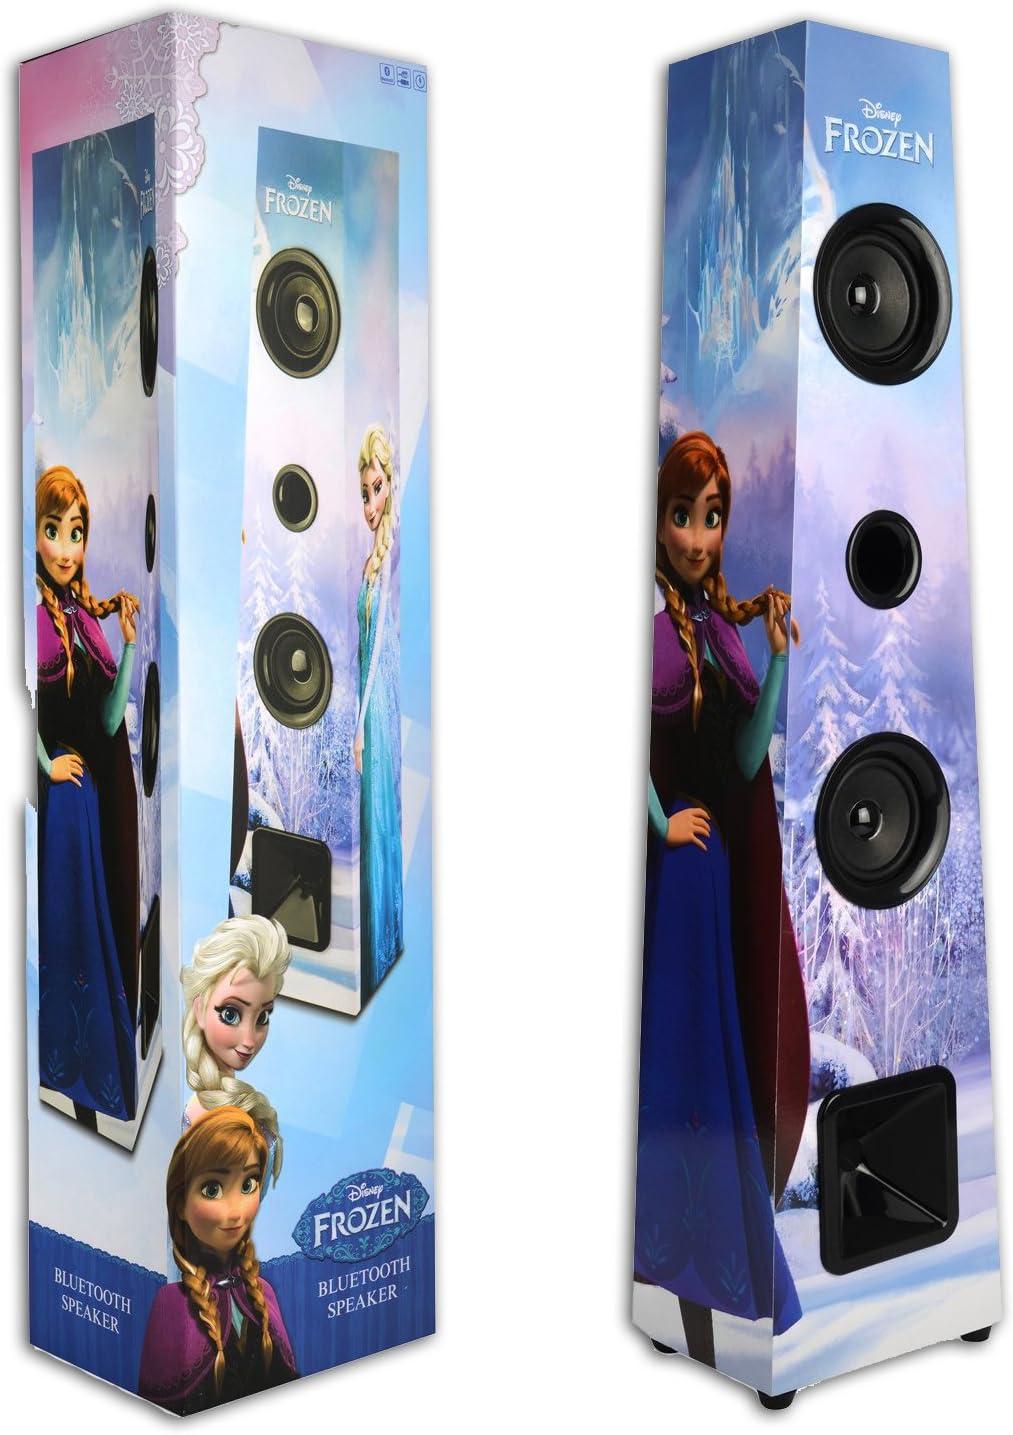 Disney Frozen Bluetooth 2 1 Tower Lautsprecher Kids Wireless Stereo Sound System Spielzeug